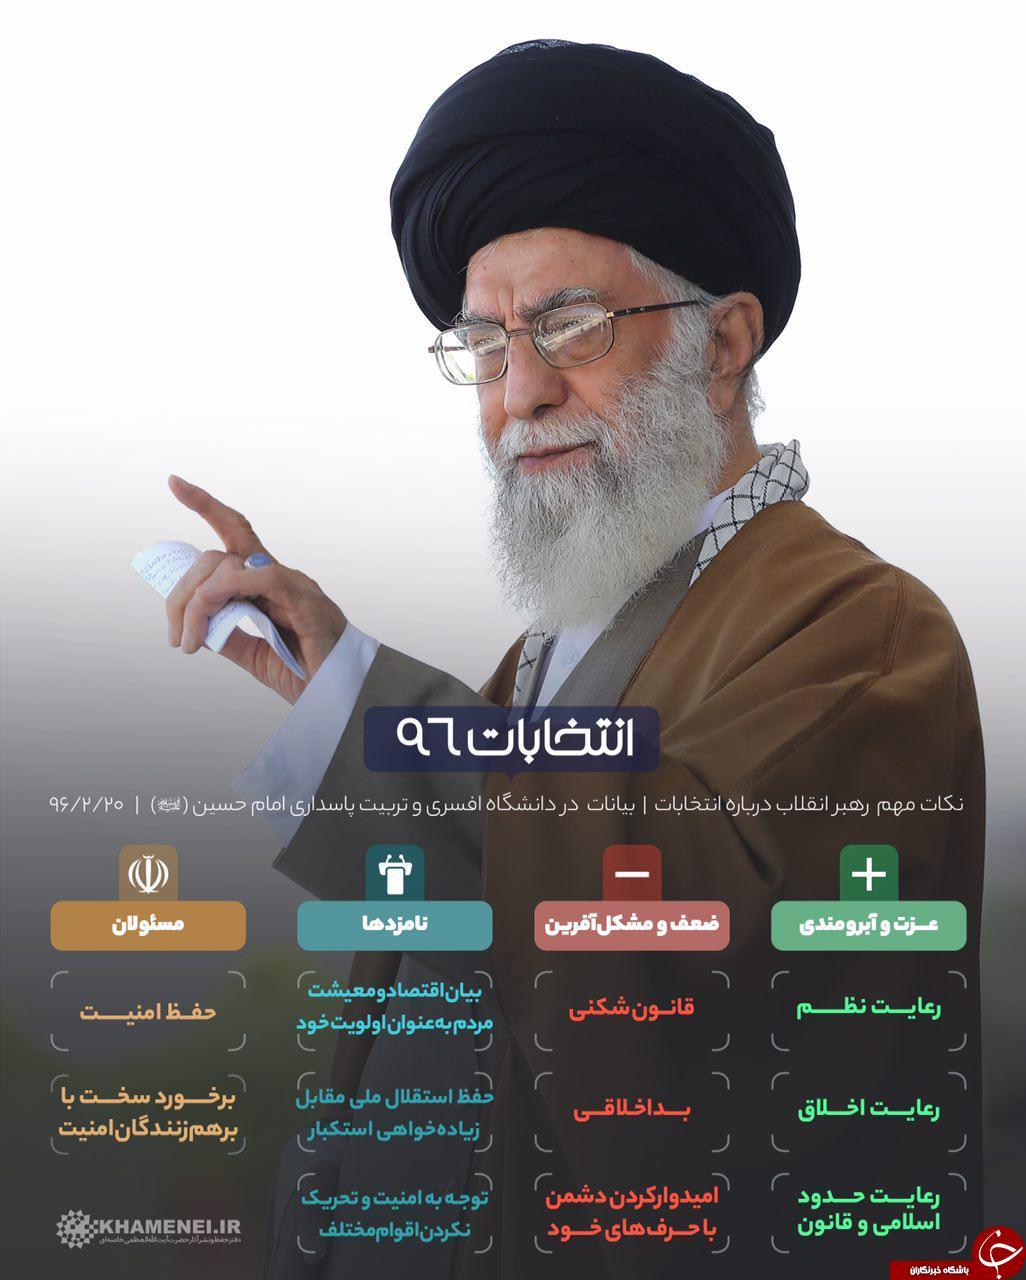 6213785 126 - نکات مهم رهبر انقلاب درباره انتخابات 96